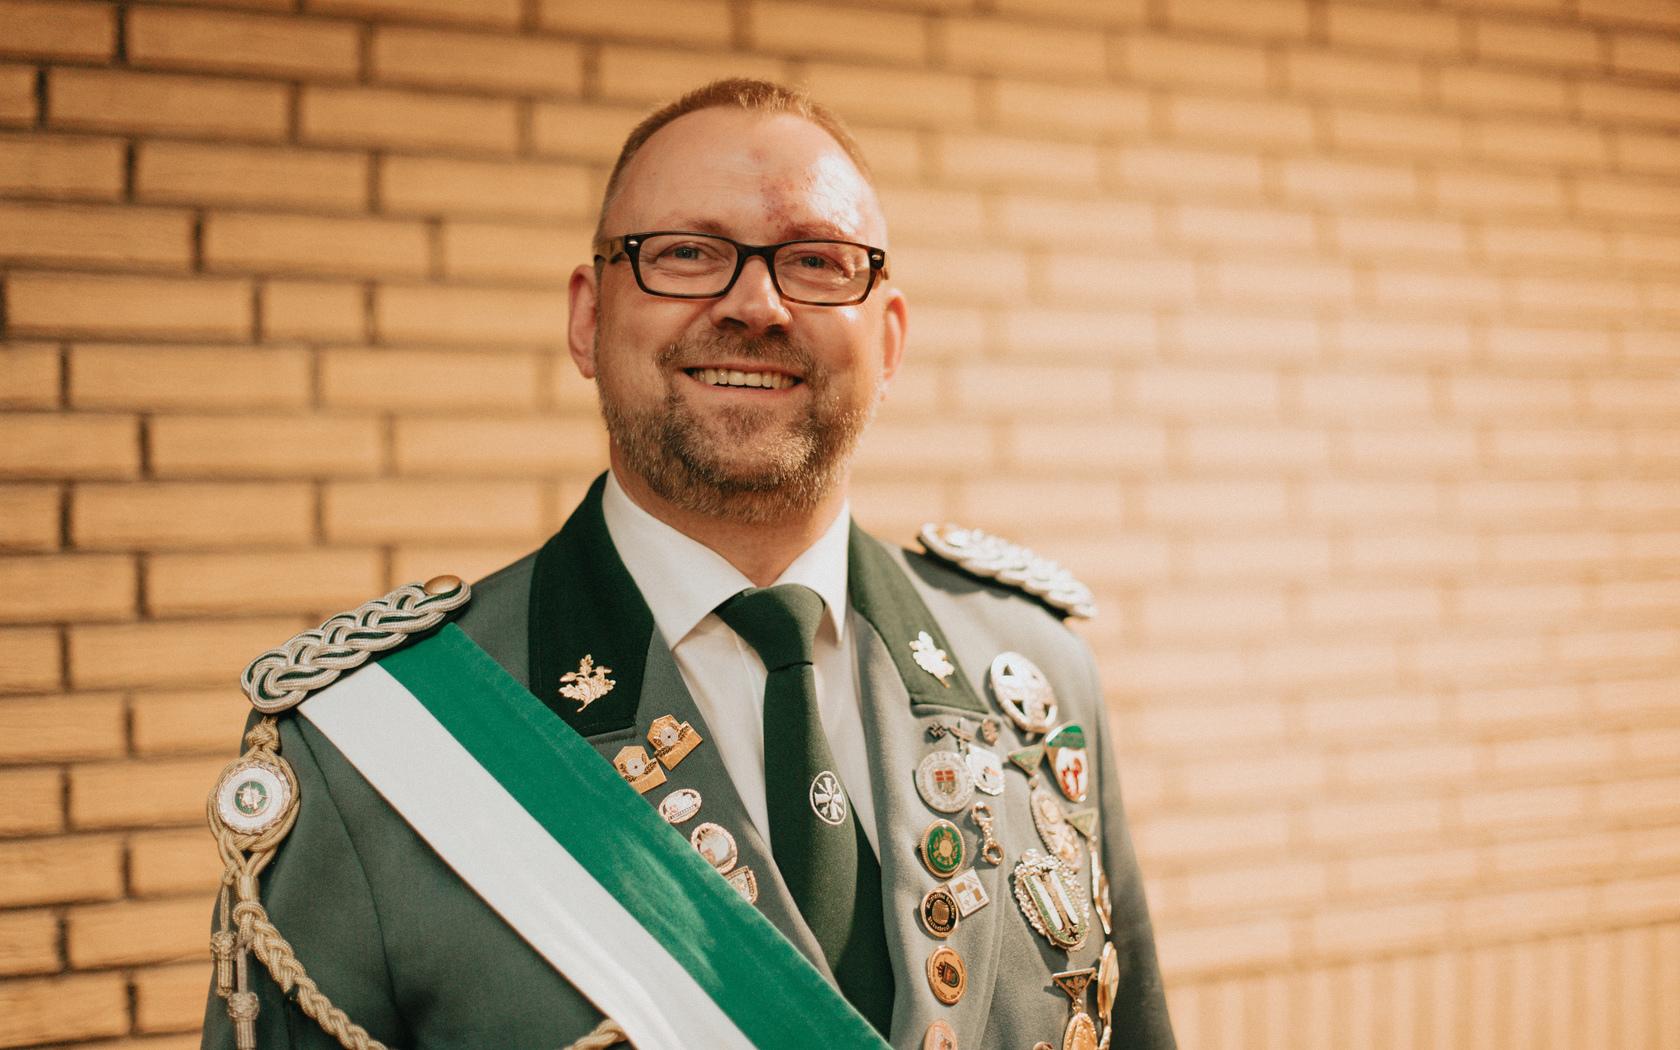 Oliver Sbjeznie